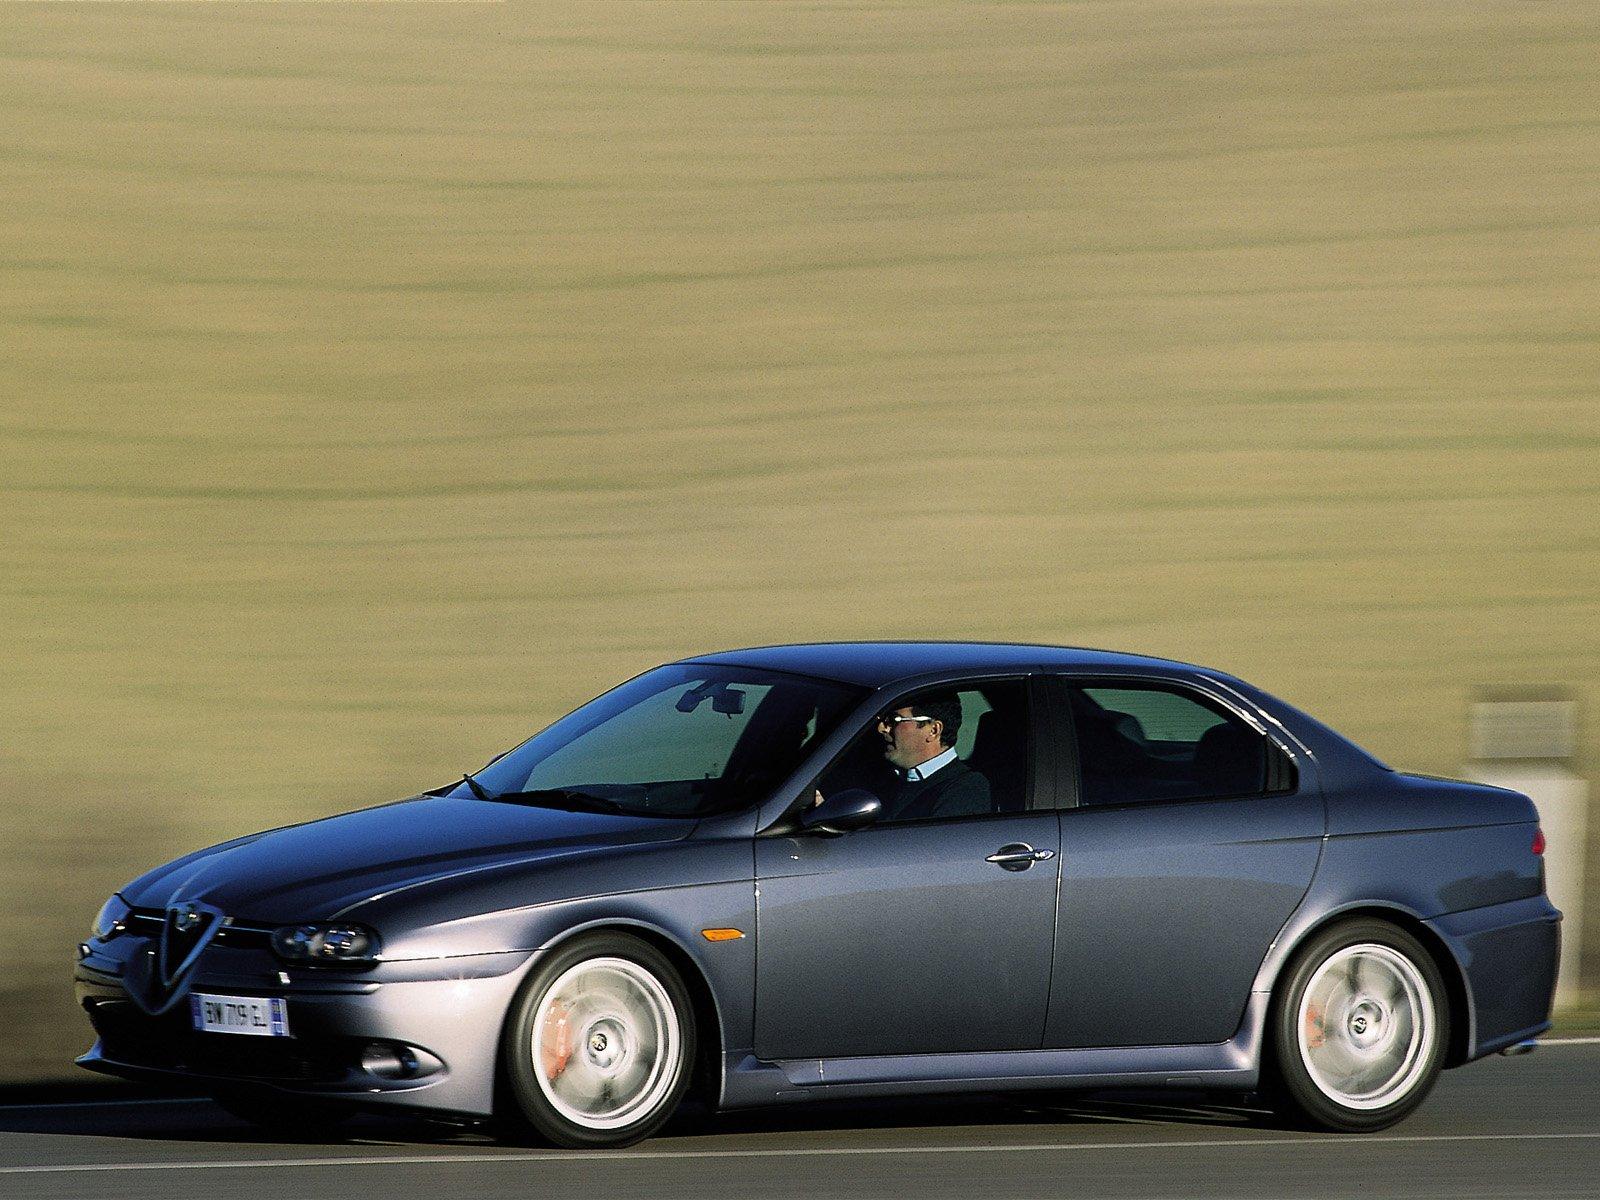 Senast Alfa hade en exotisk toppmodell i sitt mellanklassprogram var Alfa 156 GTA. Gick att styra med gasen enligt Alfas tekniker, trots framhjulsdrift! Men nog saknade den lite harmoni alltid. Idag är problemet äntligen avhjälpt.